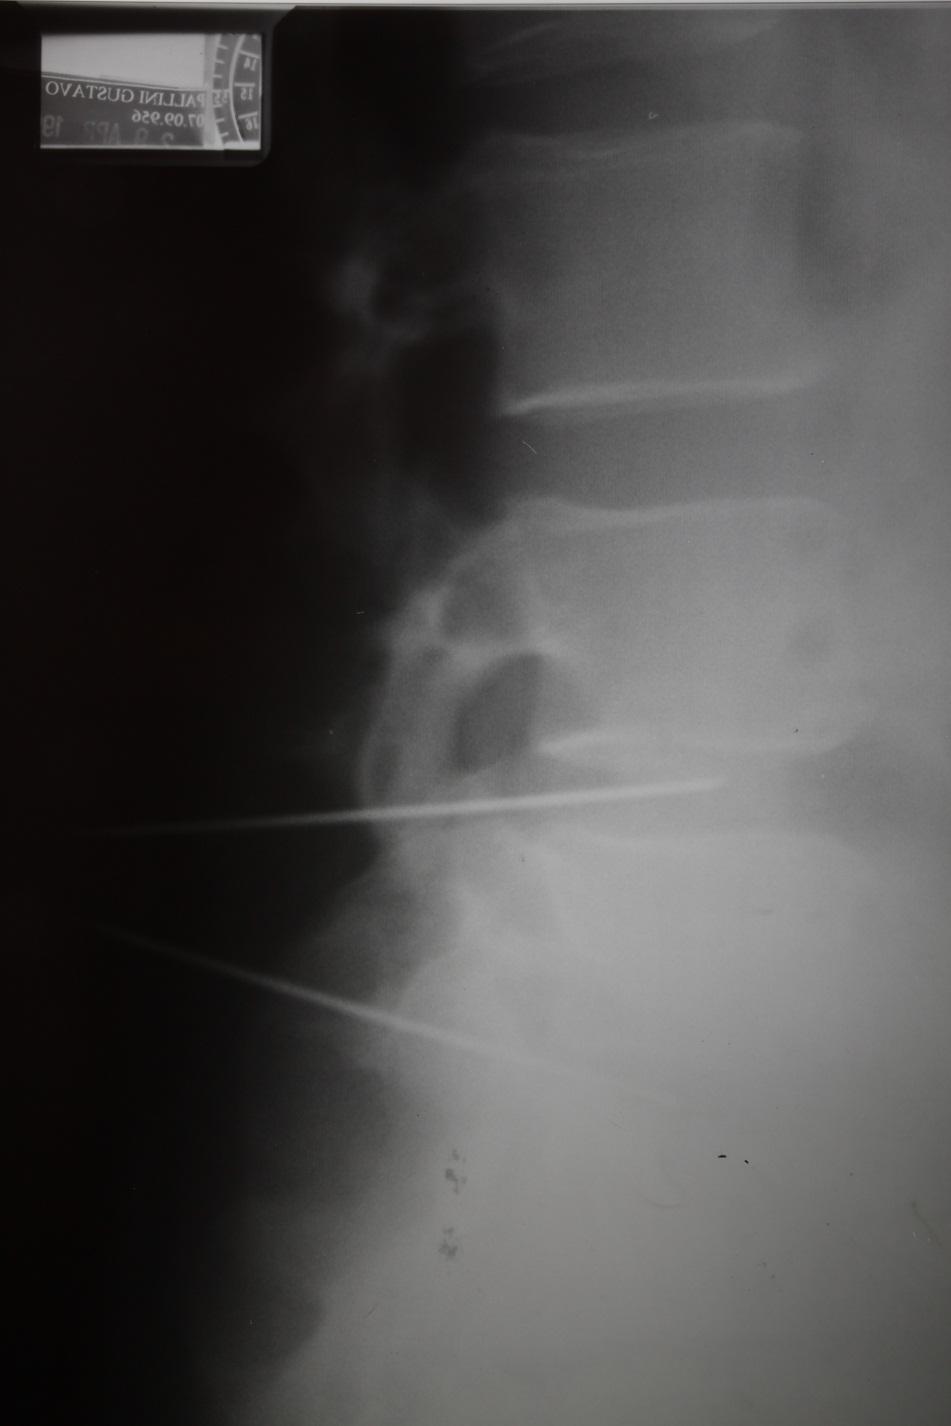 6-7 vertebre di reparto di petto